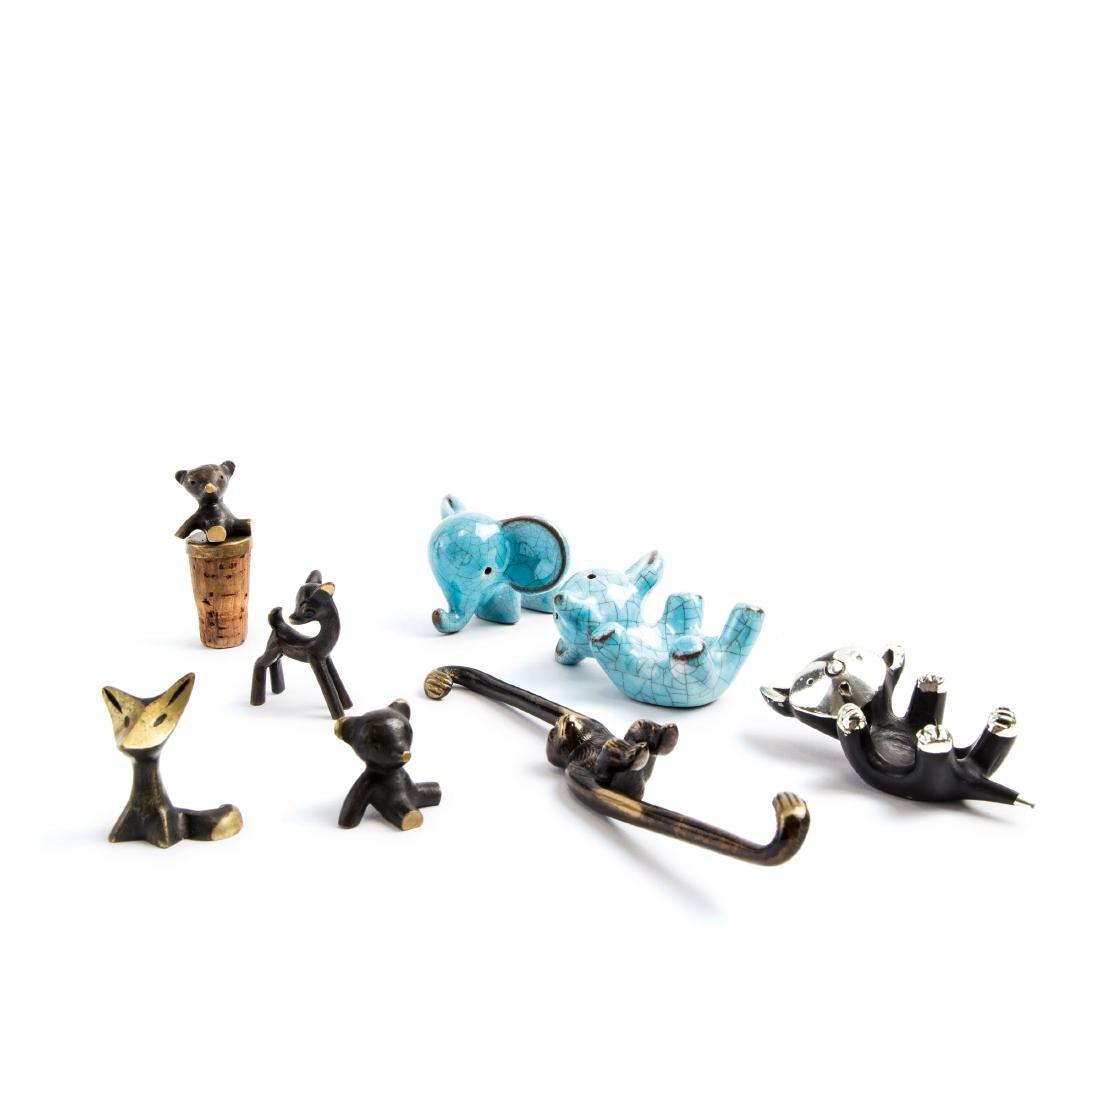 Animal figurines, 1950-56